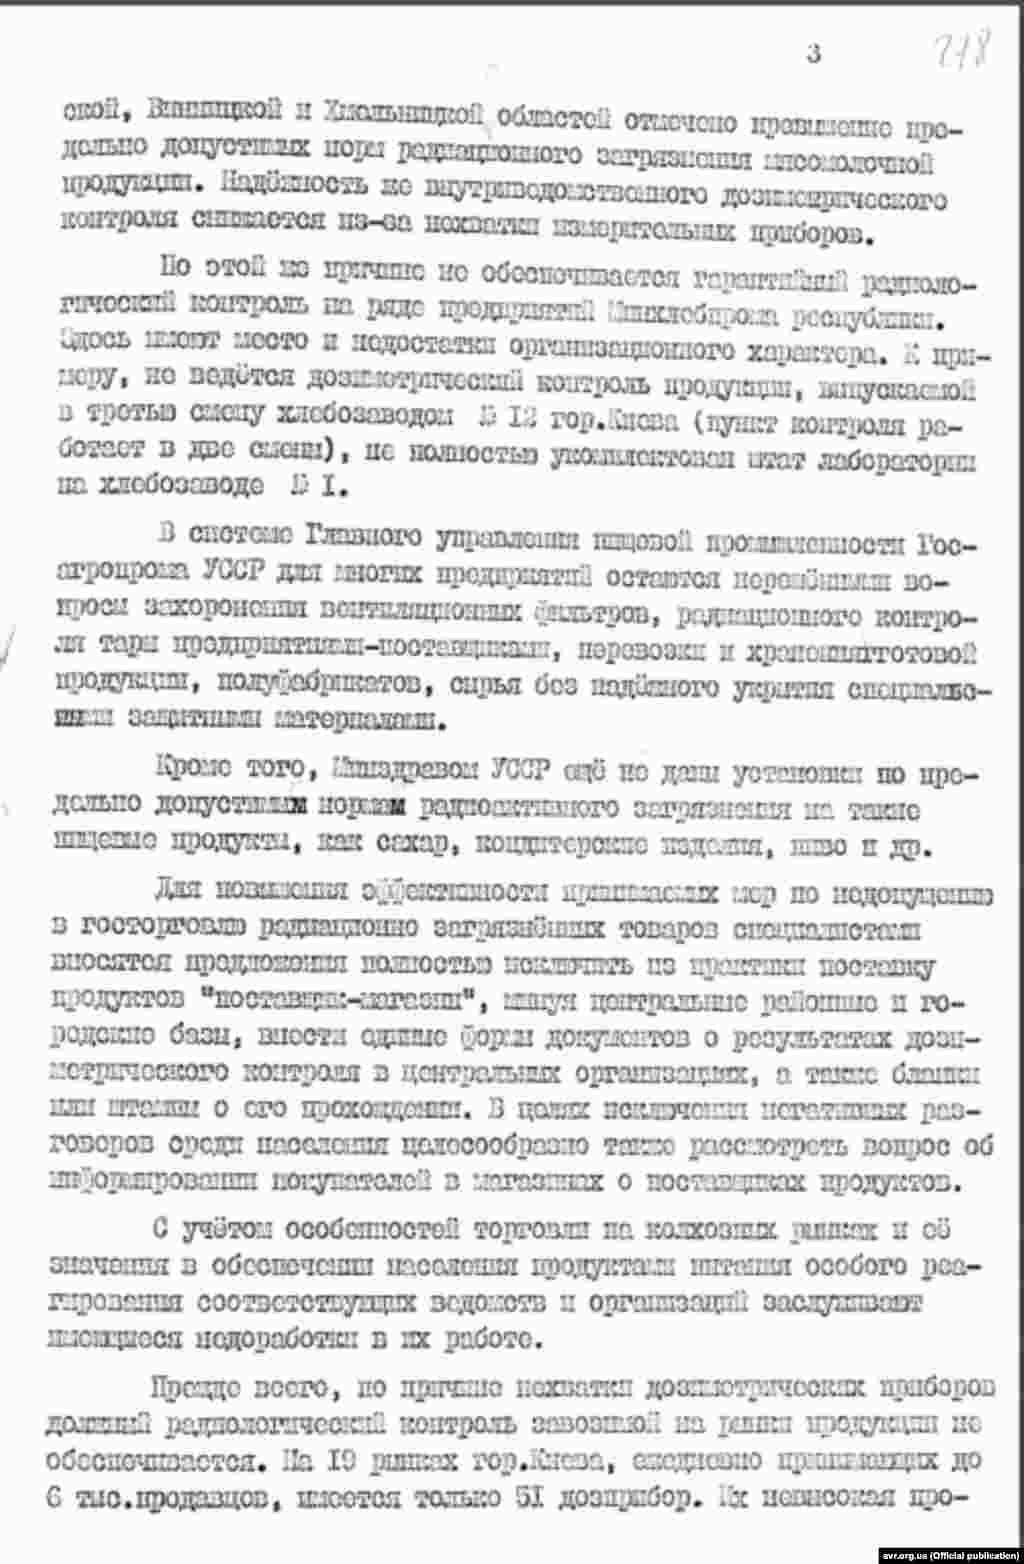 Доповідна записка про надійність заходів з дозиметричного контролю, 15 серпня 1986 року